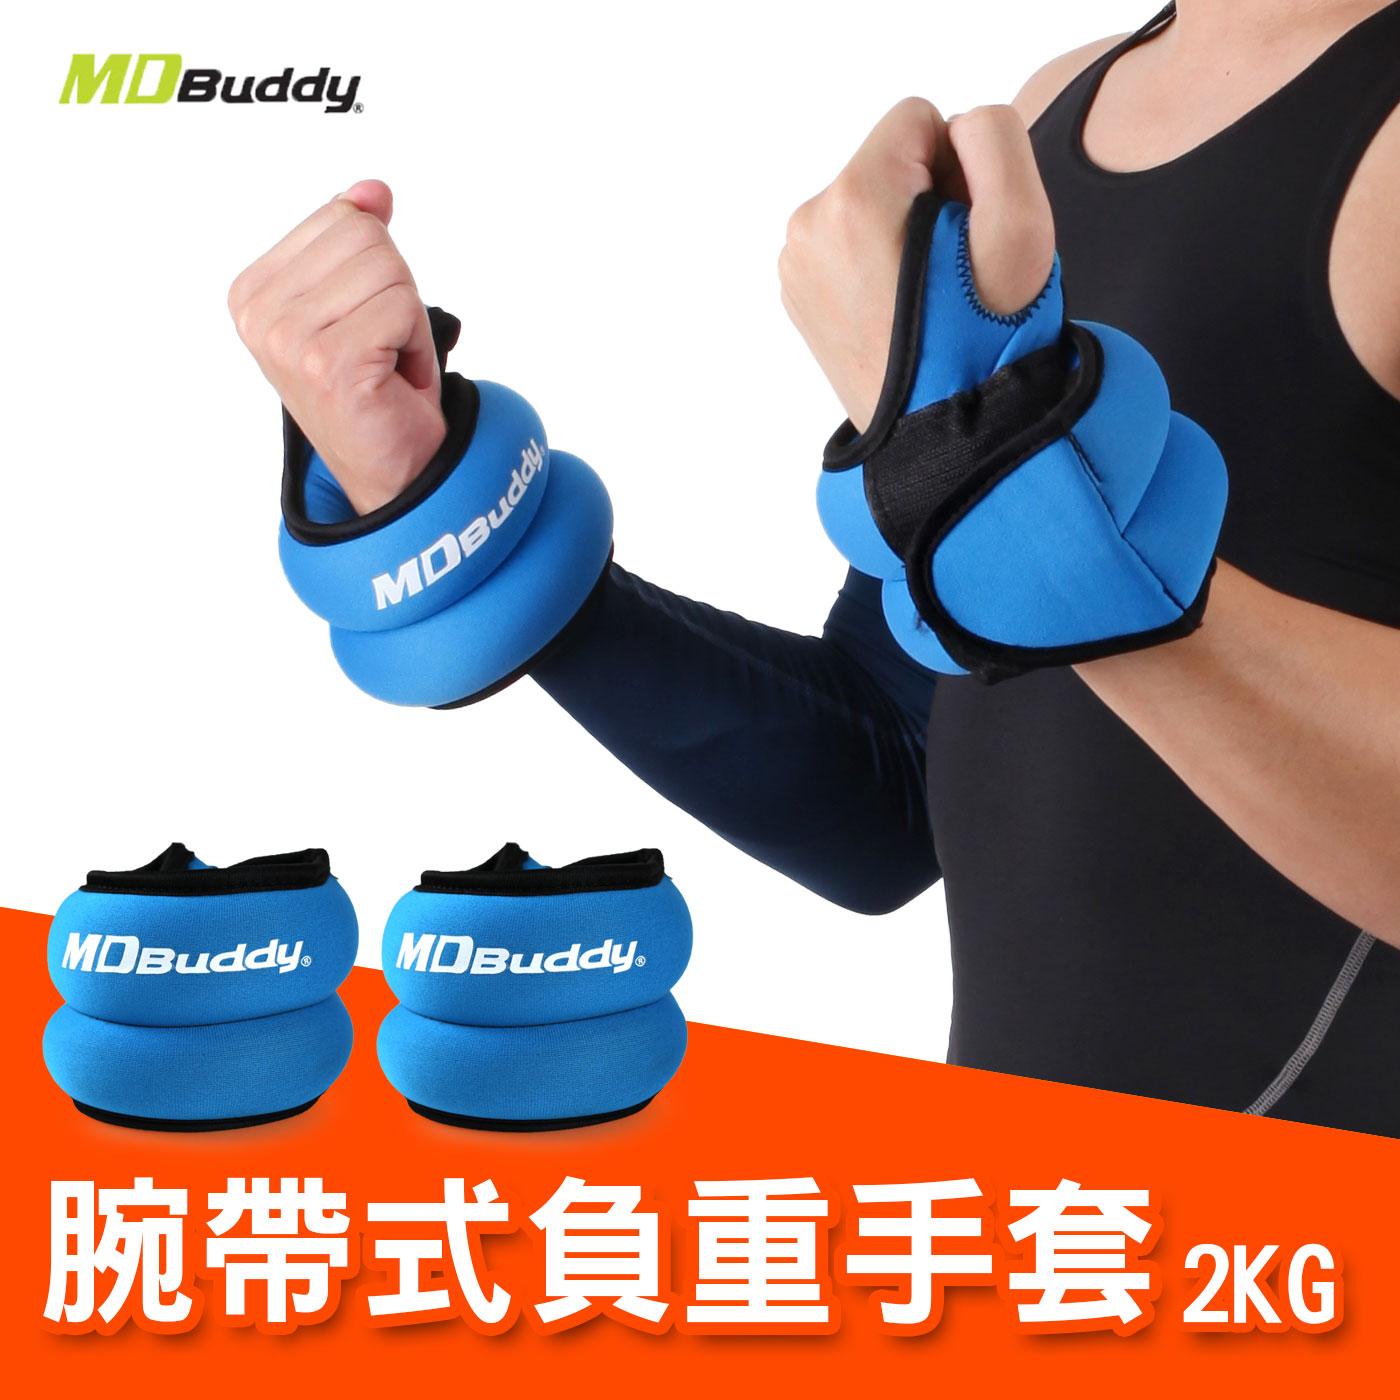 MDBuddy 腕帶式負重手套2KG(一雙入 重量訓練 加重器 沙包 健身器材【99301455】≡排汗專家≡